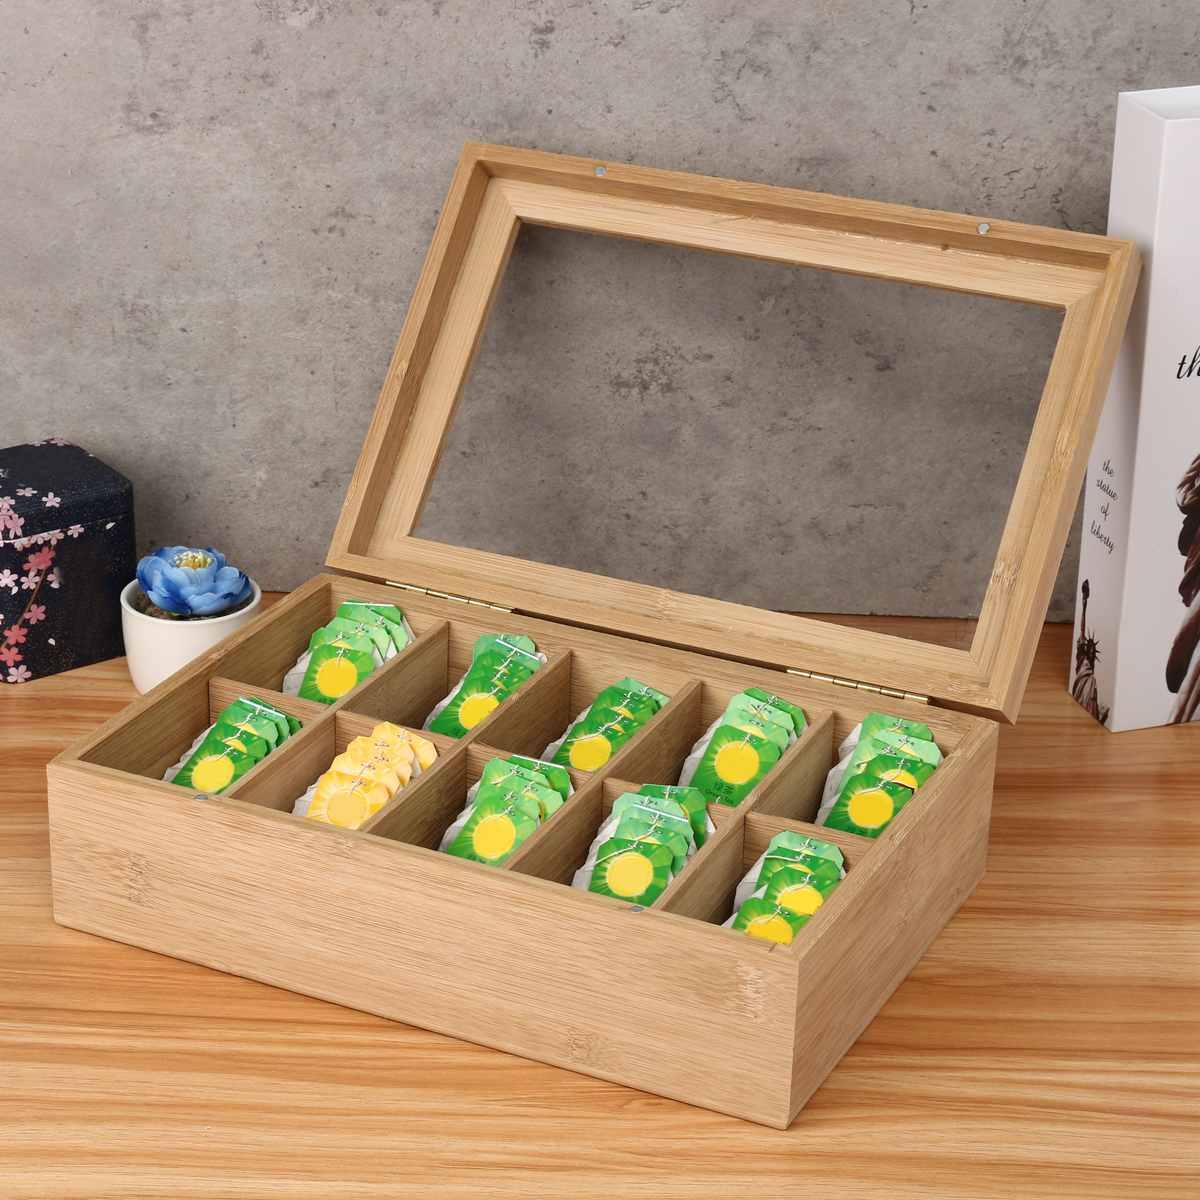 Multifunctionele 10 Grids Bamboe Thee Doos Suiker Tas Storage Box Organizer Container Case Decoratie Geschenken Keuken Accessoires-in Opruimdozen & Afvalbak van Huis & Tuin op title=